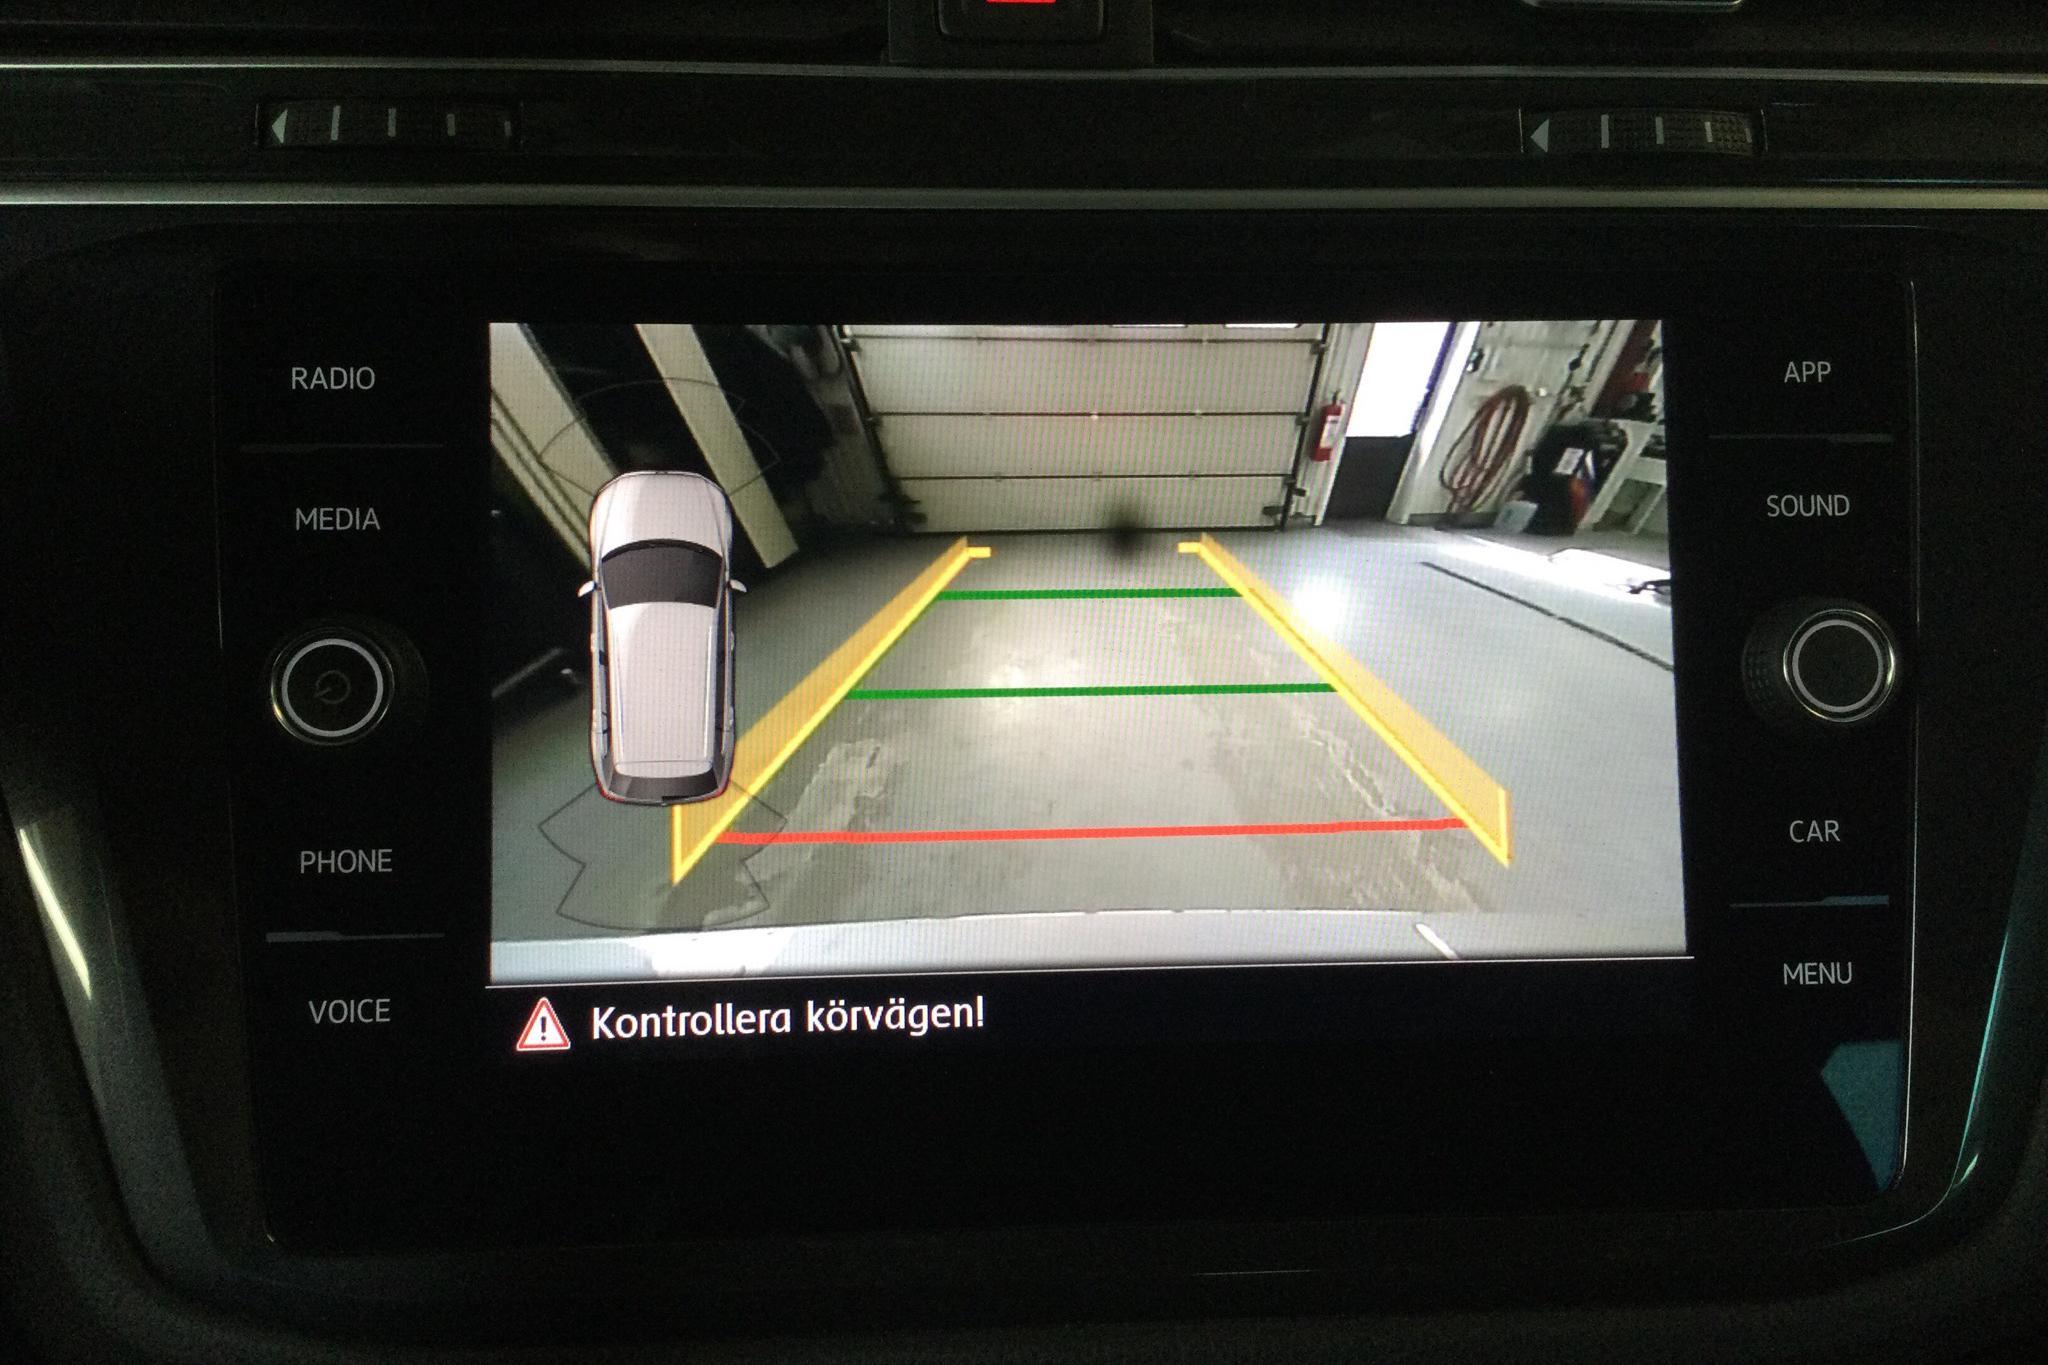 VW Tiguan 1.4 TSI 4MOTION (150hk) - 142 190 km - Automatic - silver - 2018